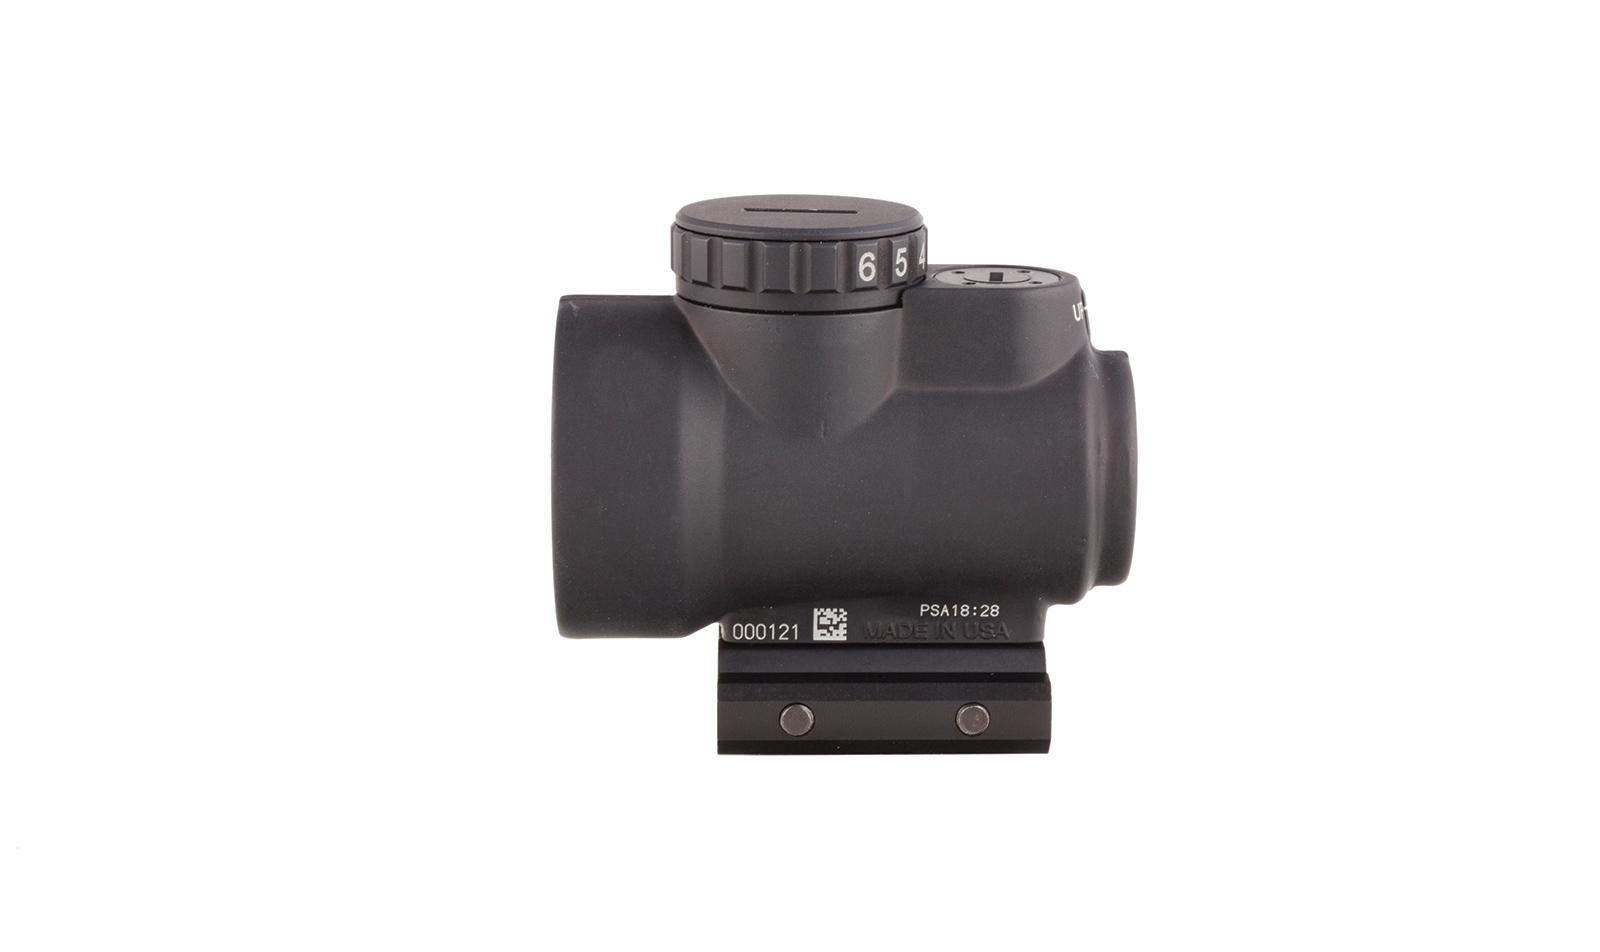 MRO-C-2200004 angle 2